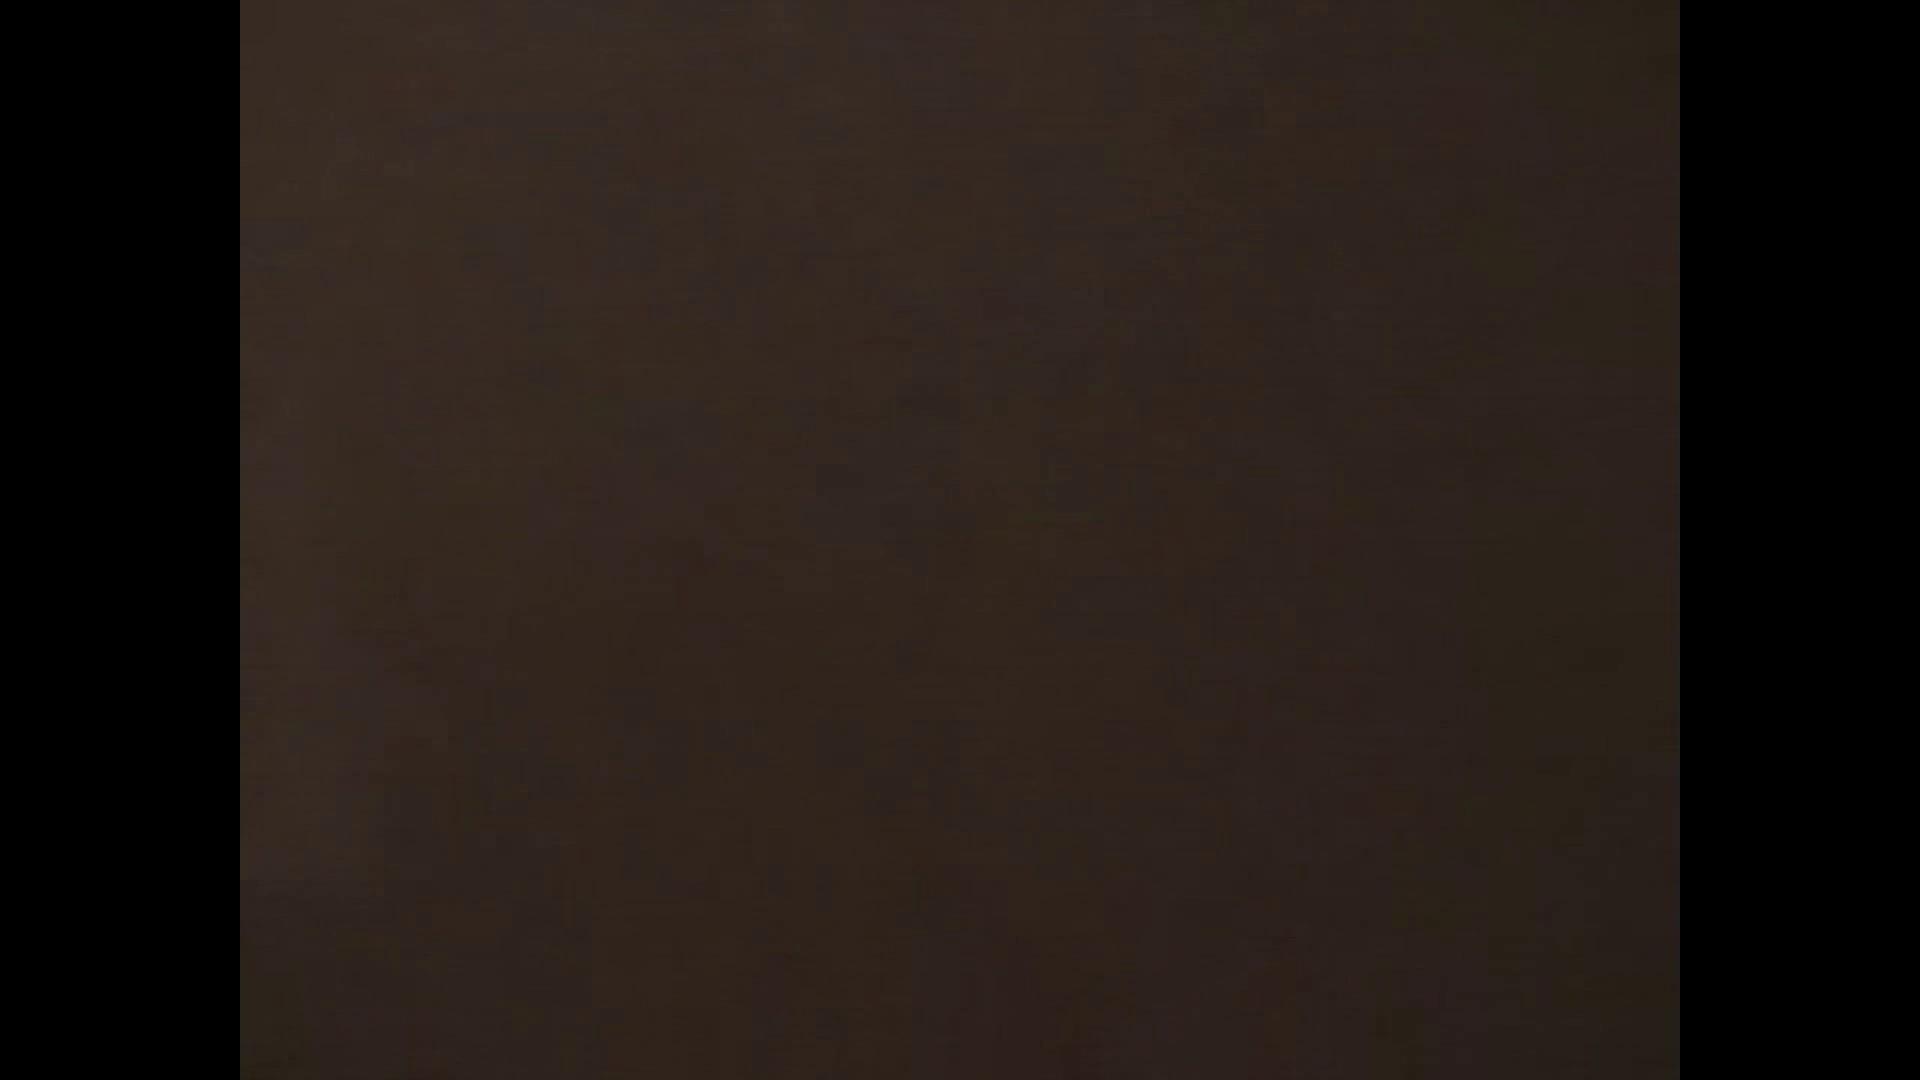 ノンケイケメンの欲望と肉棒 Vol.20 ノンケボーイズ | イケメンのsex  108pic 70